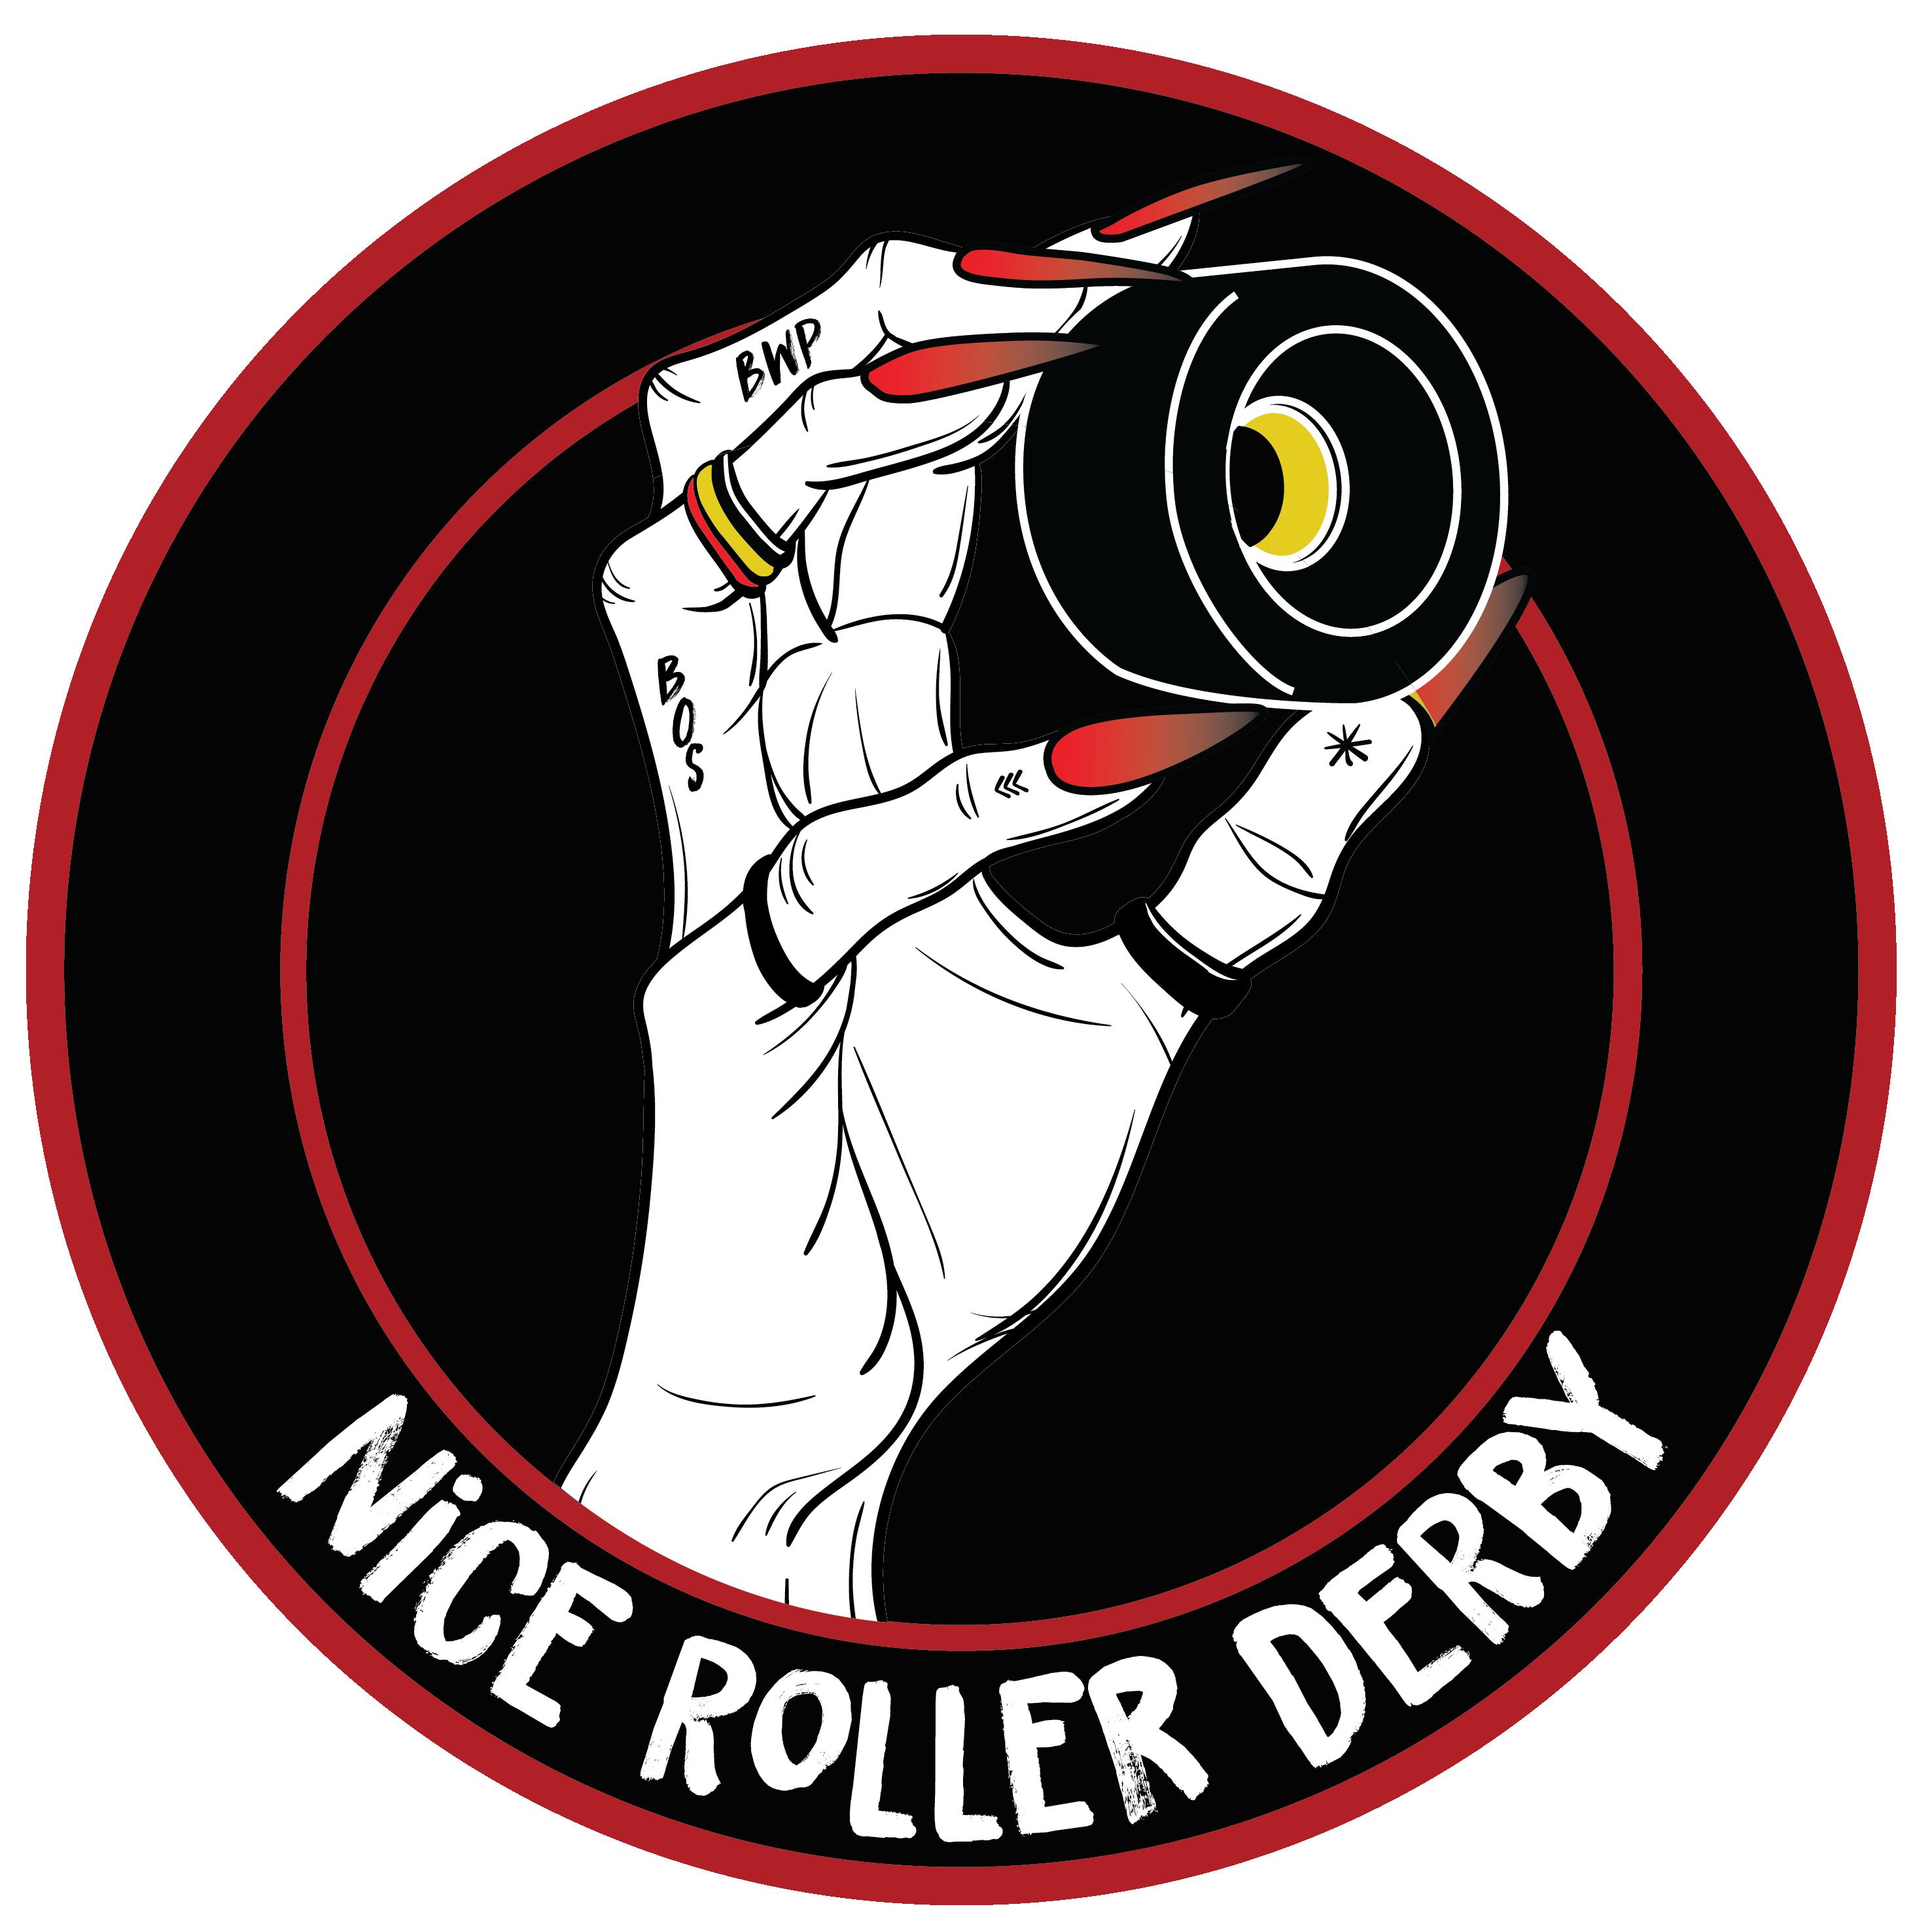 Logo_nice_roller_derby.png